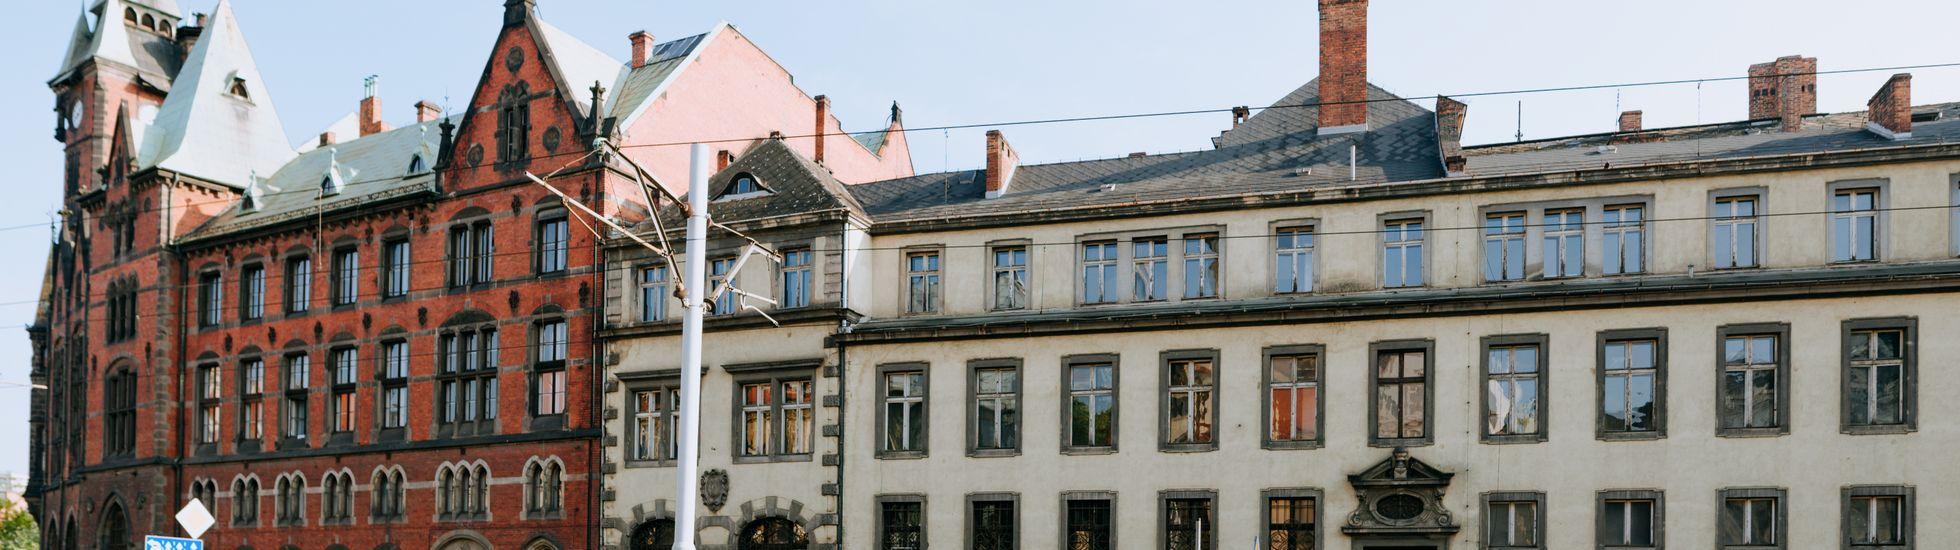 Uniwersytet Wrocławski sprzedaje dwa zabytkowe gmachy tuż przy Rynku. Cena robi wrażenie!